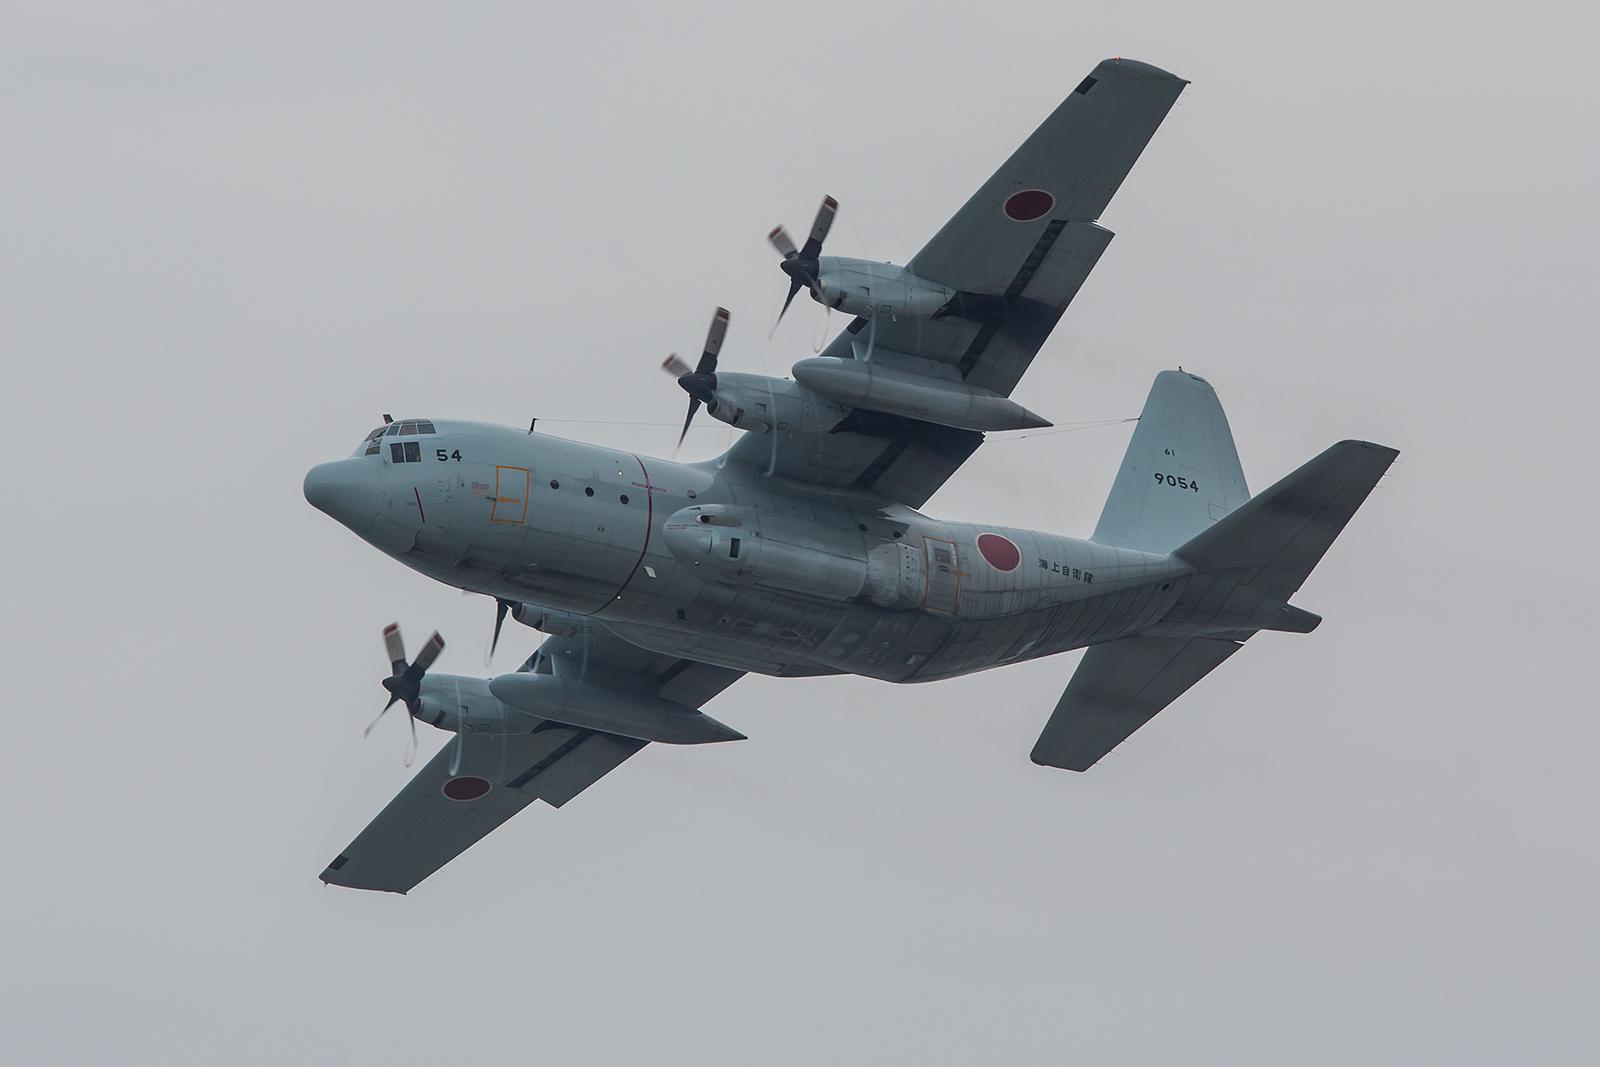 Die C-130R machrt sich wieder auf den Heimweg nach Atsugi bei Tokyo.